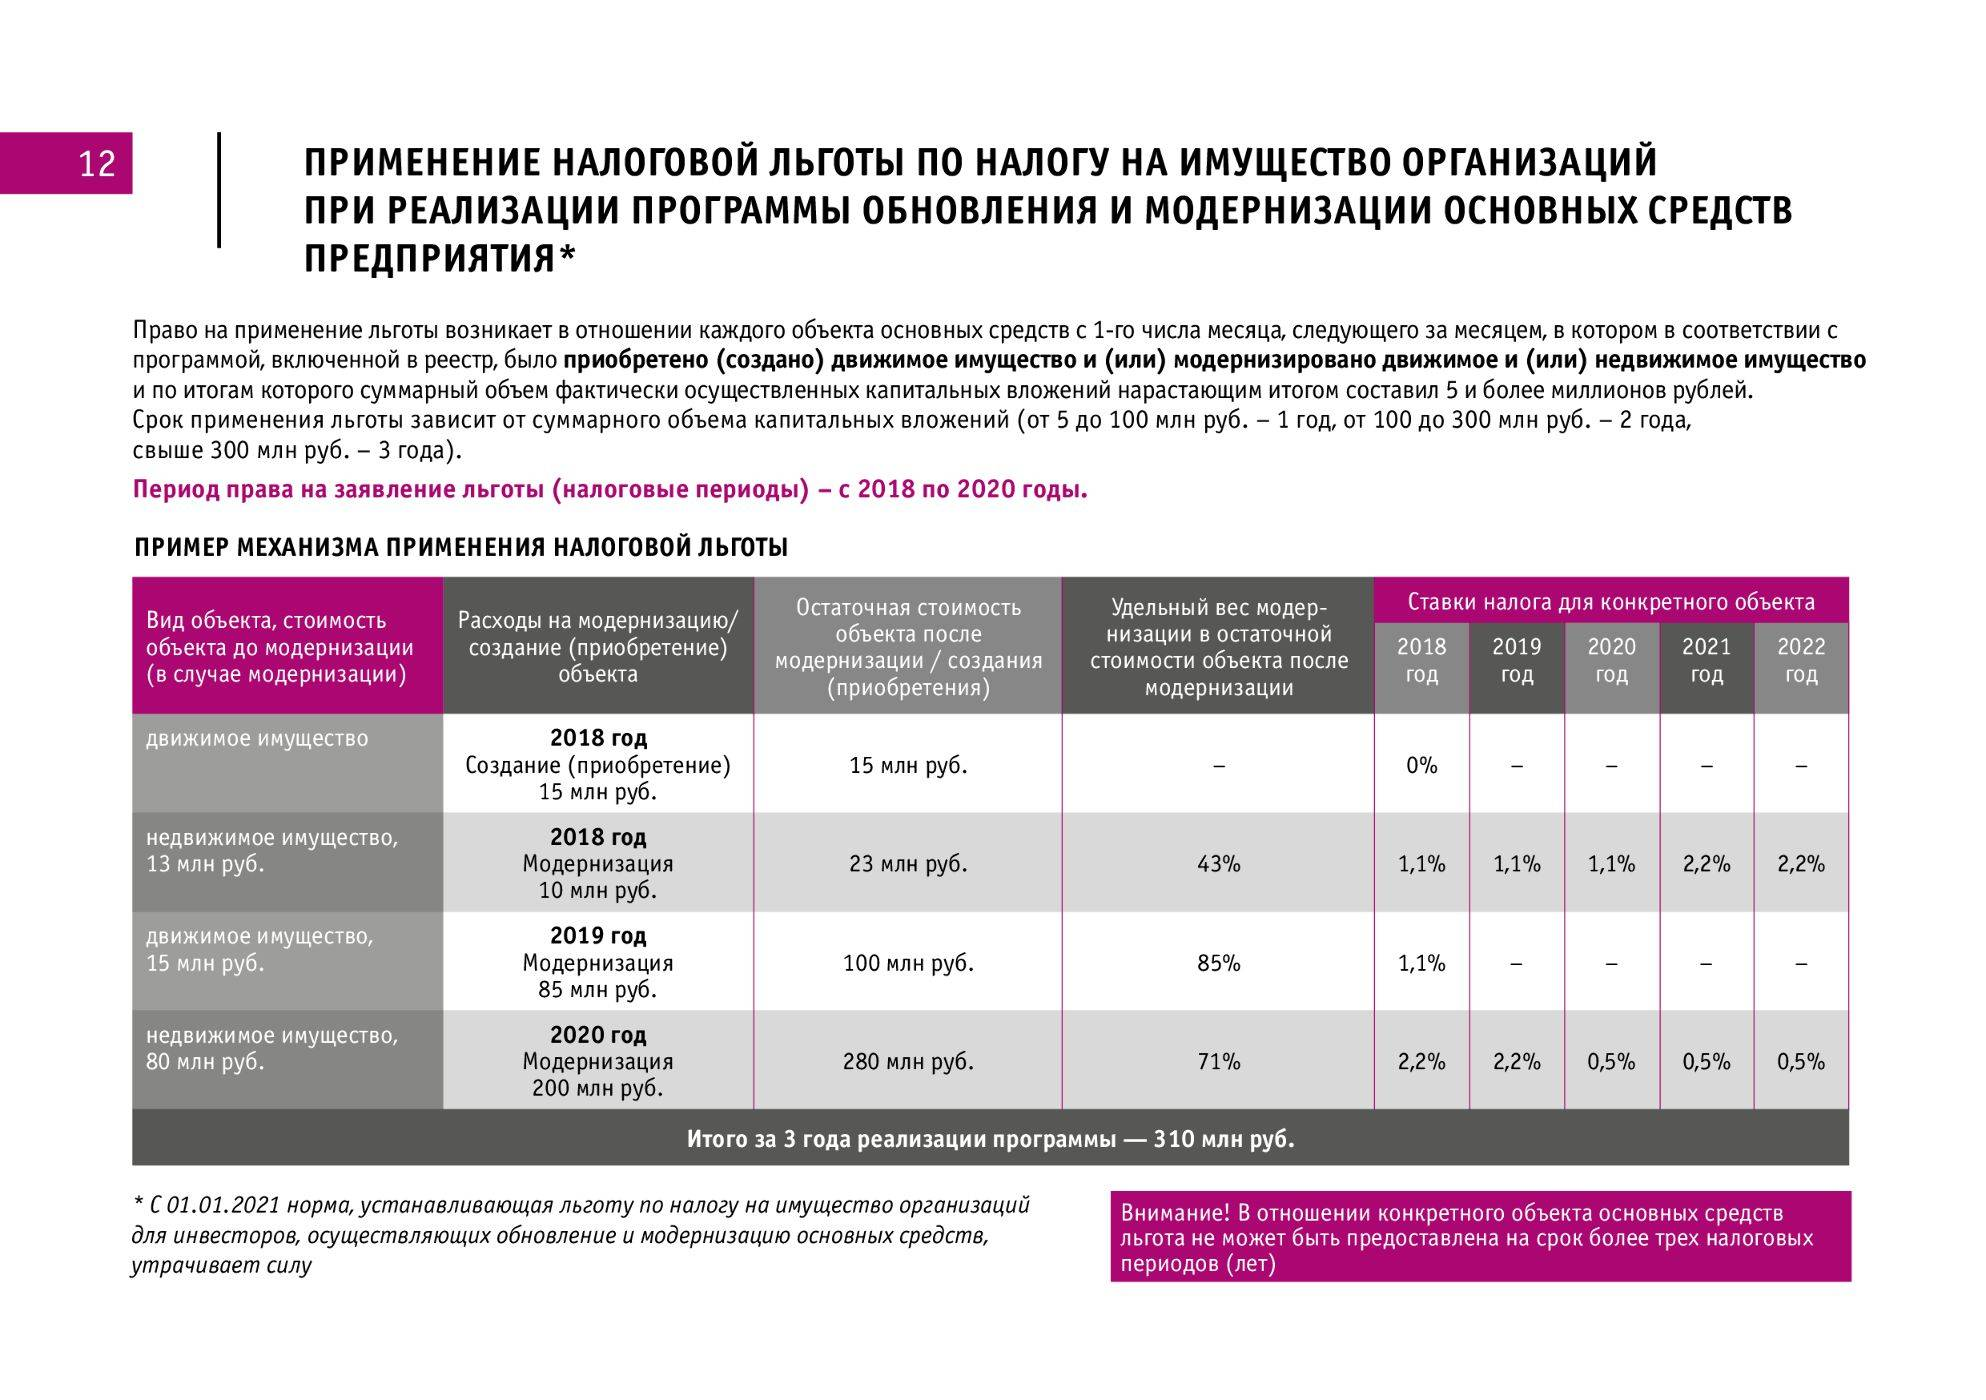 Налоги и налогообложение в Латвии